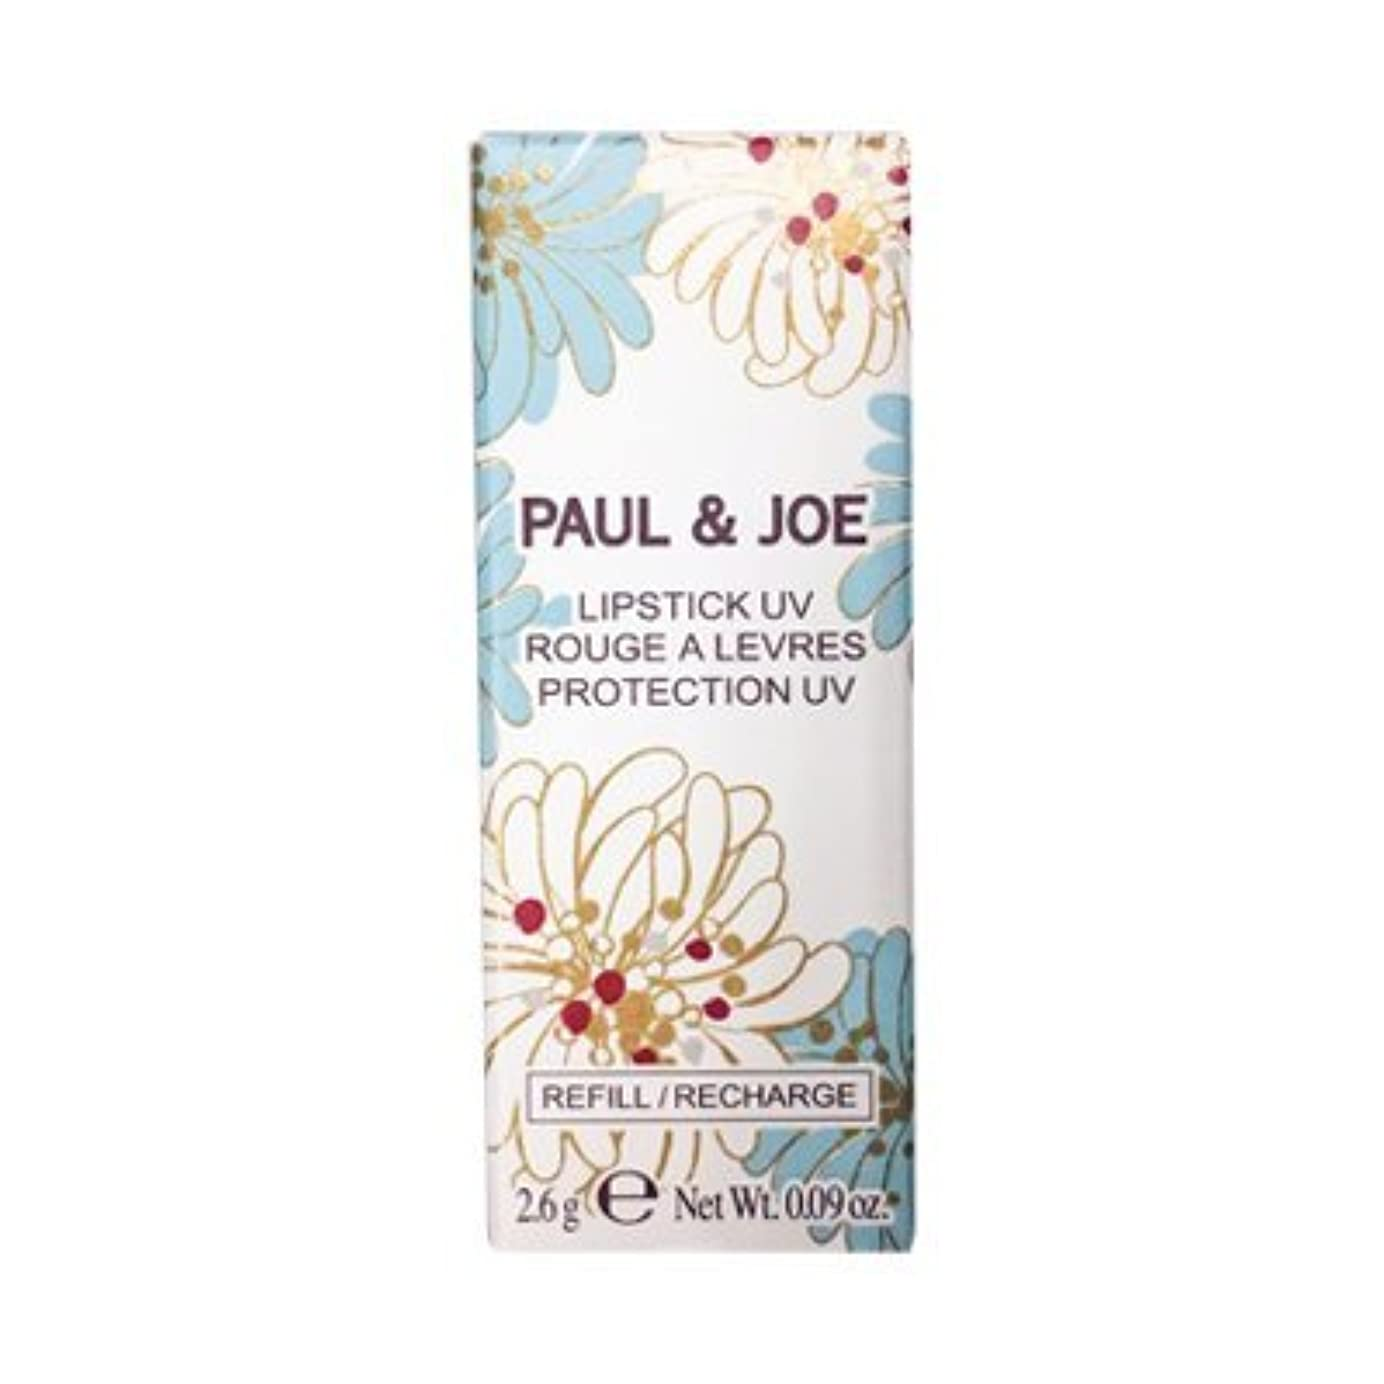 読みやすい敗北欠乏ポール & ジョー / PAUL & JOE リップスティック UV (レフィル) #403 [ リップケア ] [並行輸入品]